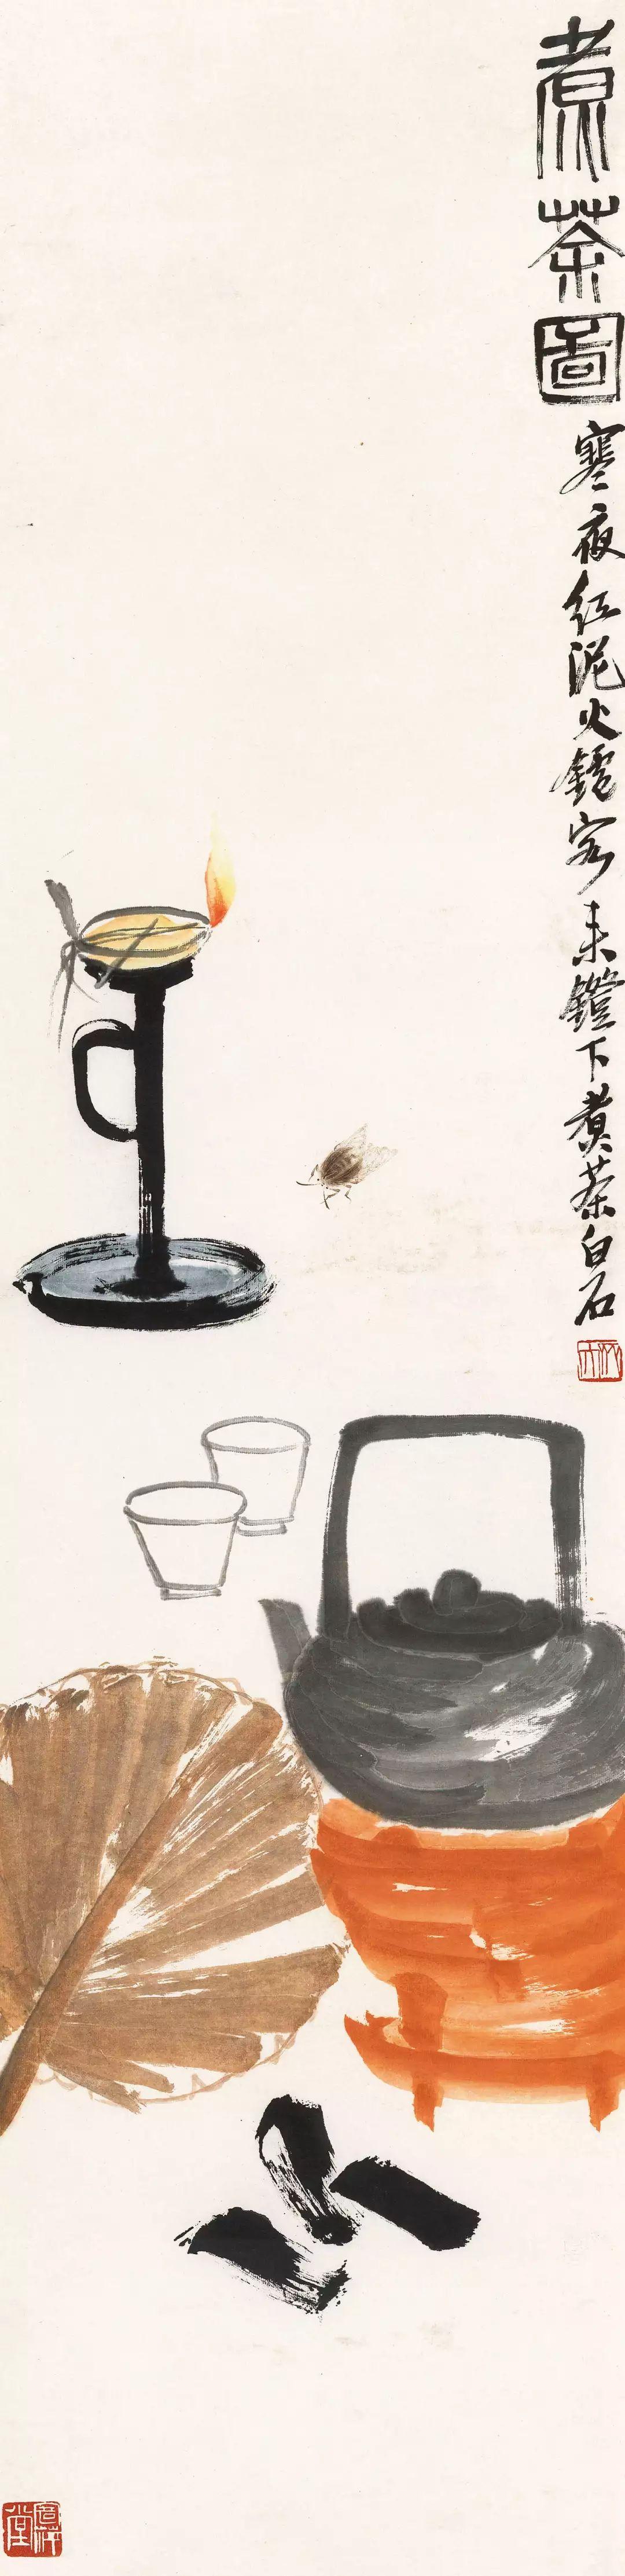 1.4375亿元!吴冠中《狮子林》创其中国画最高价纪录!插图58